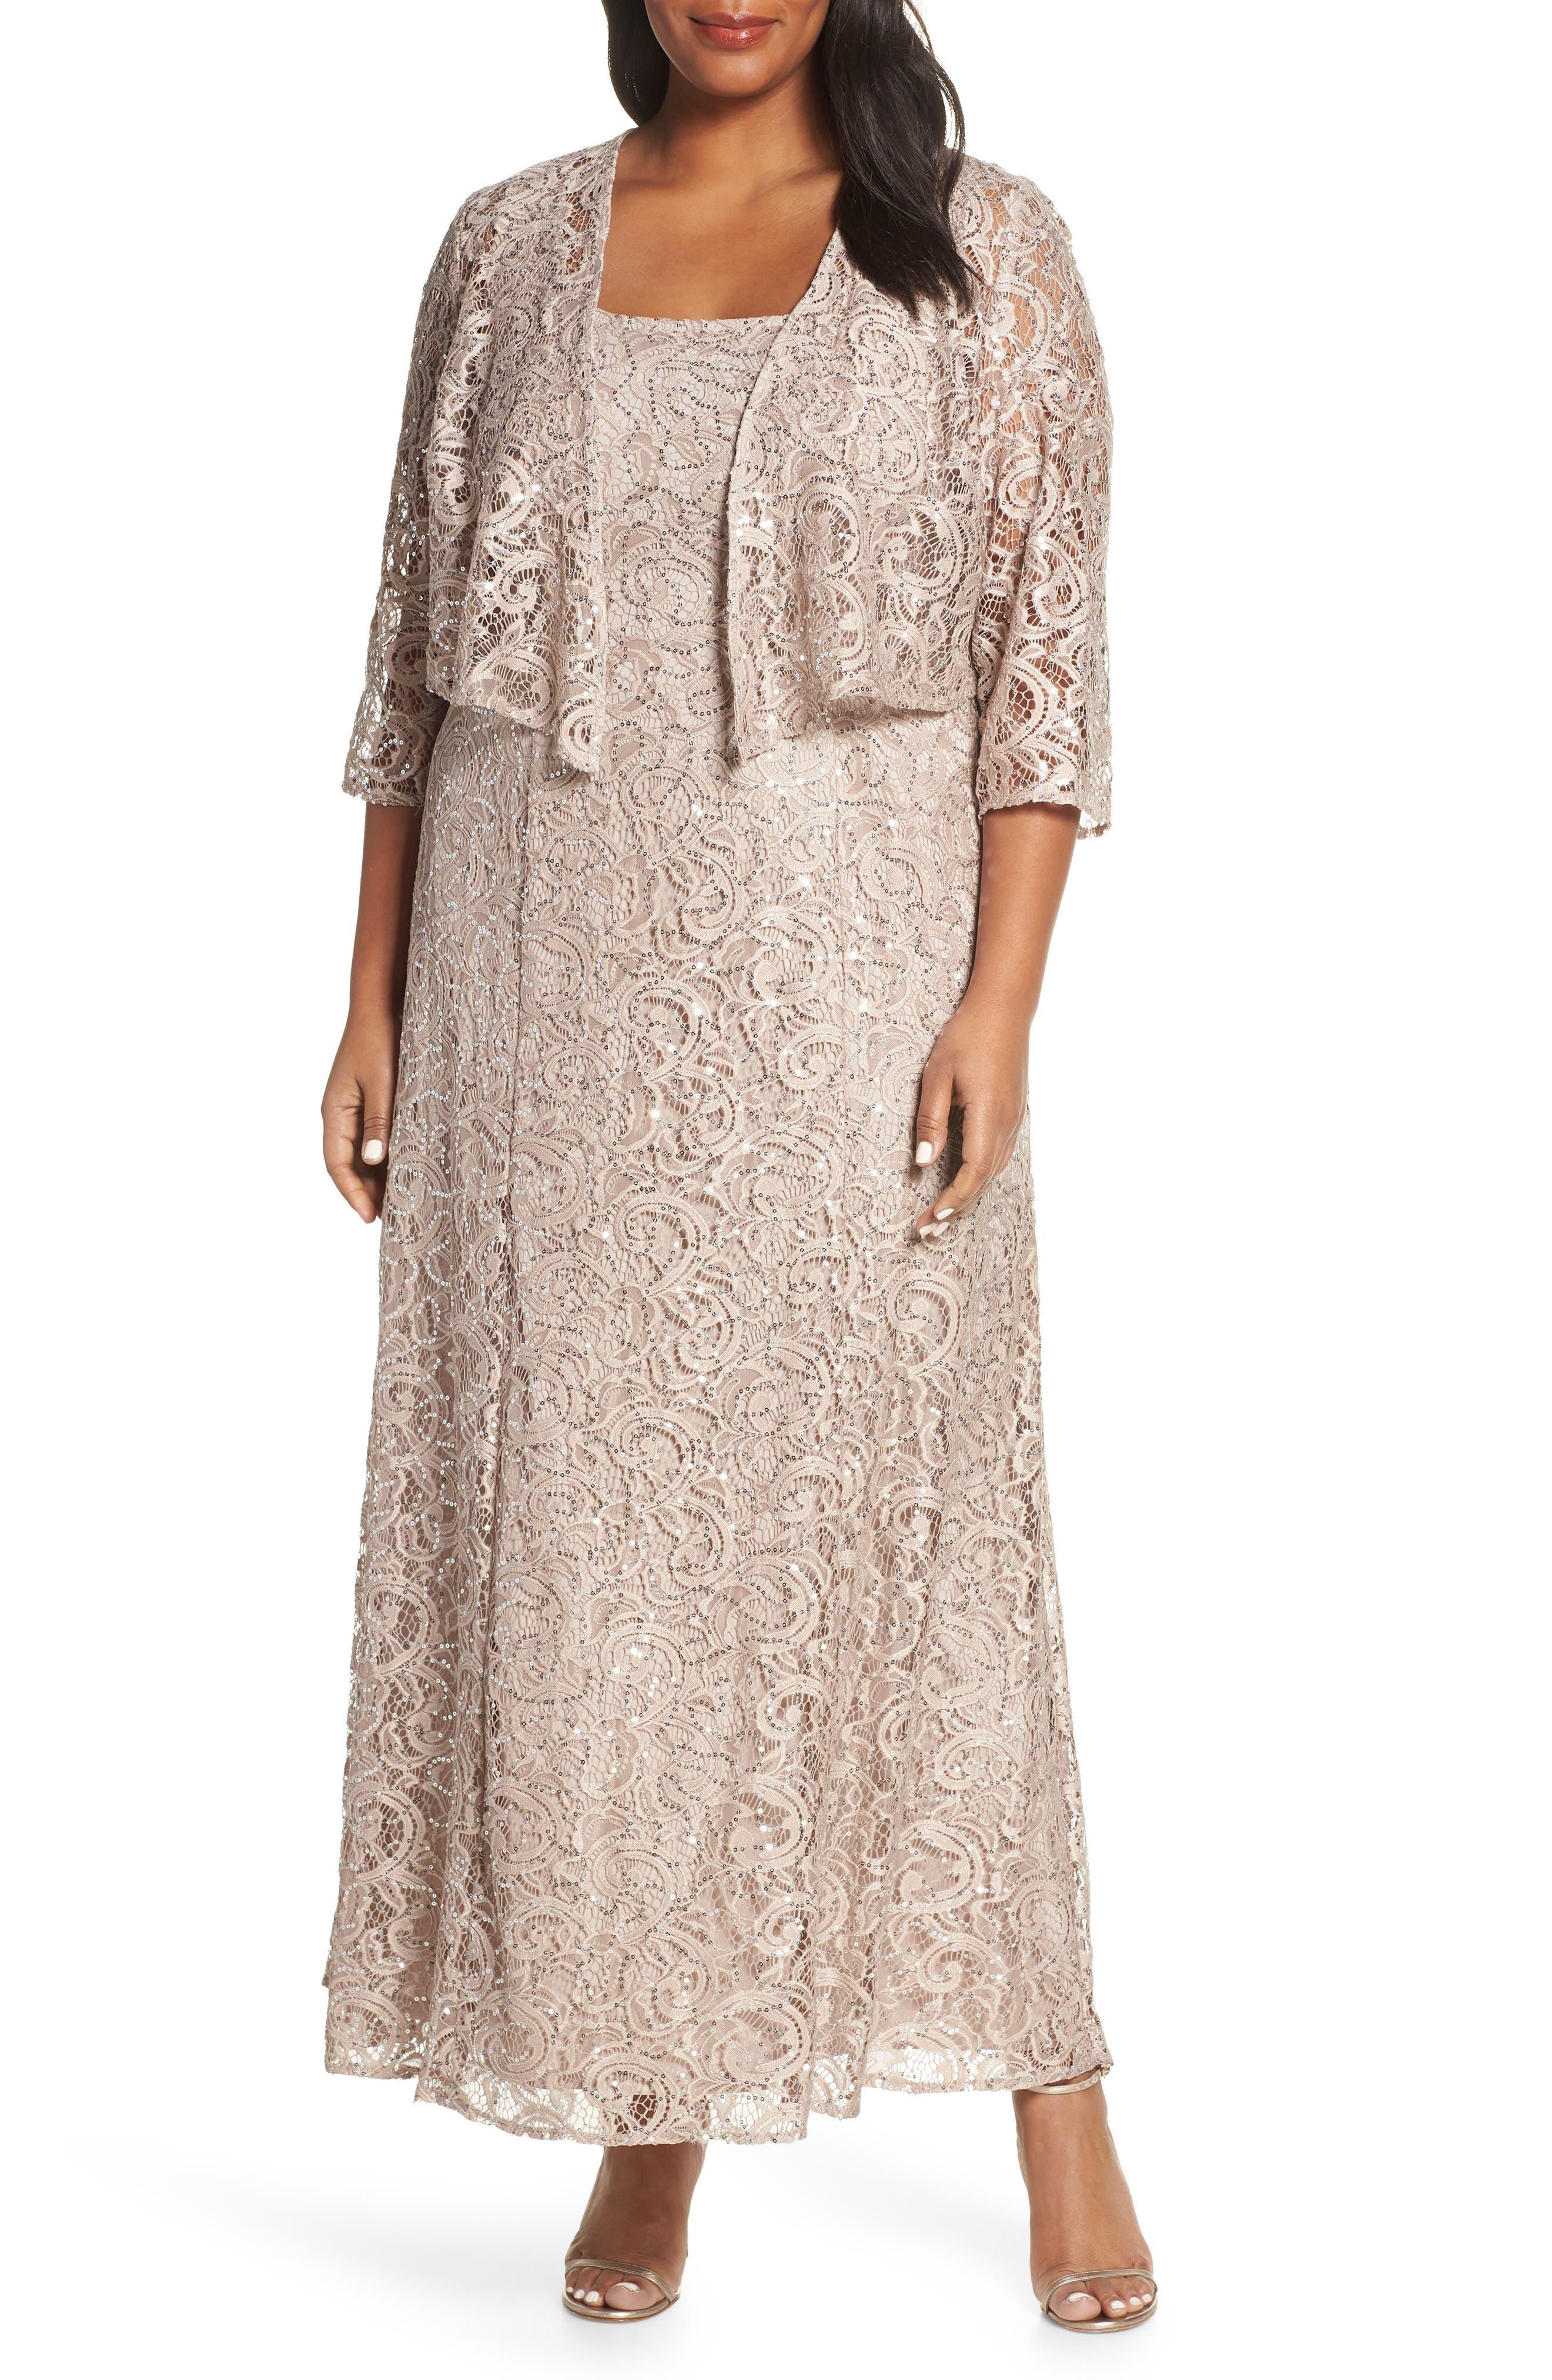 Plus Size Alex Evenings Lace & Sequin Jacket Dress, Beige